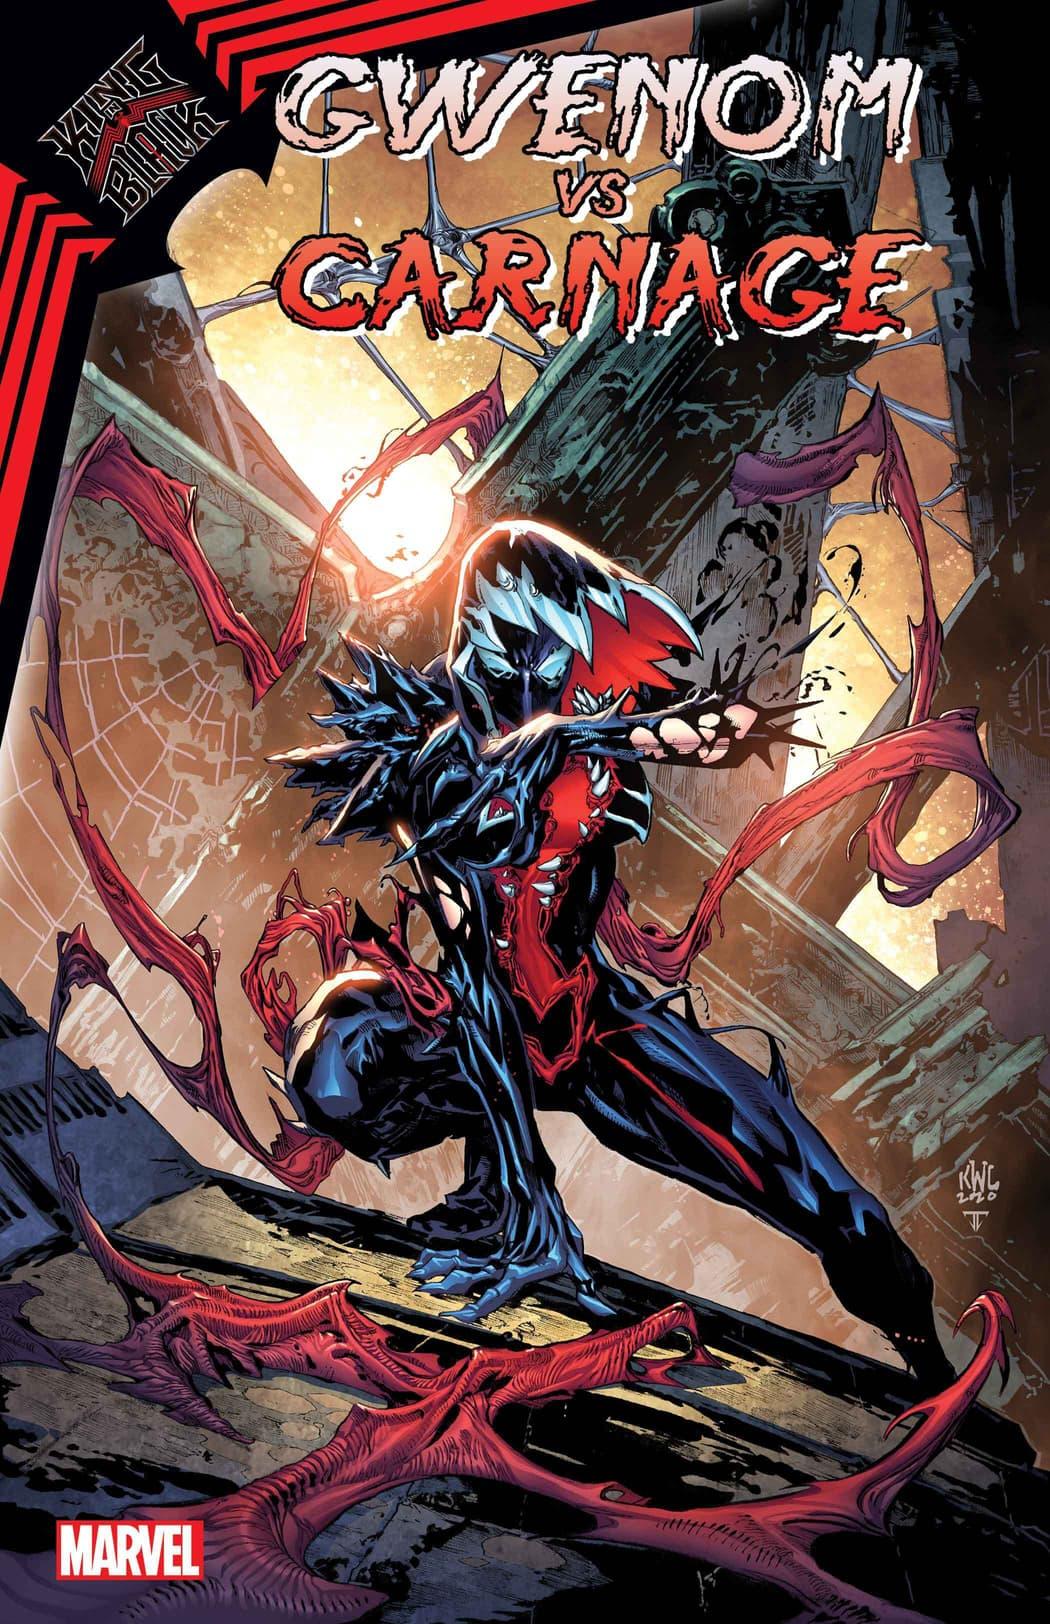 Gwenom vs Carnage